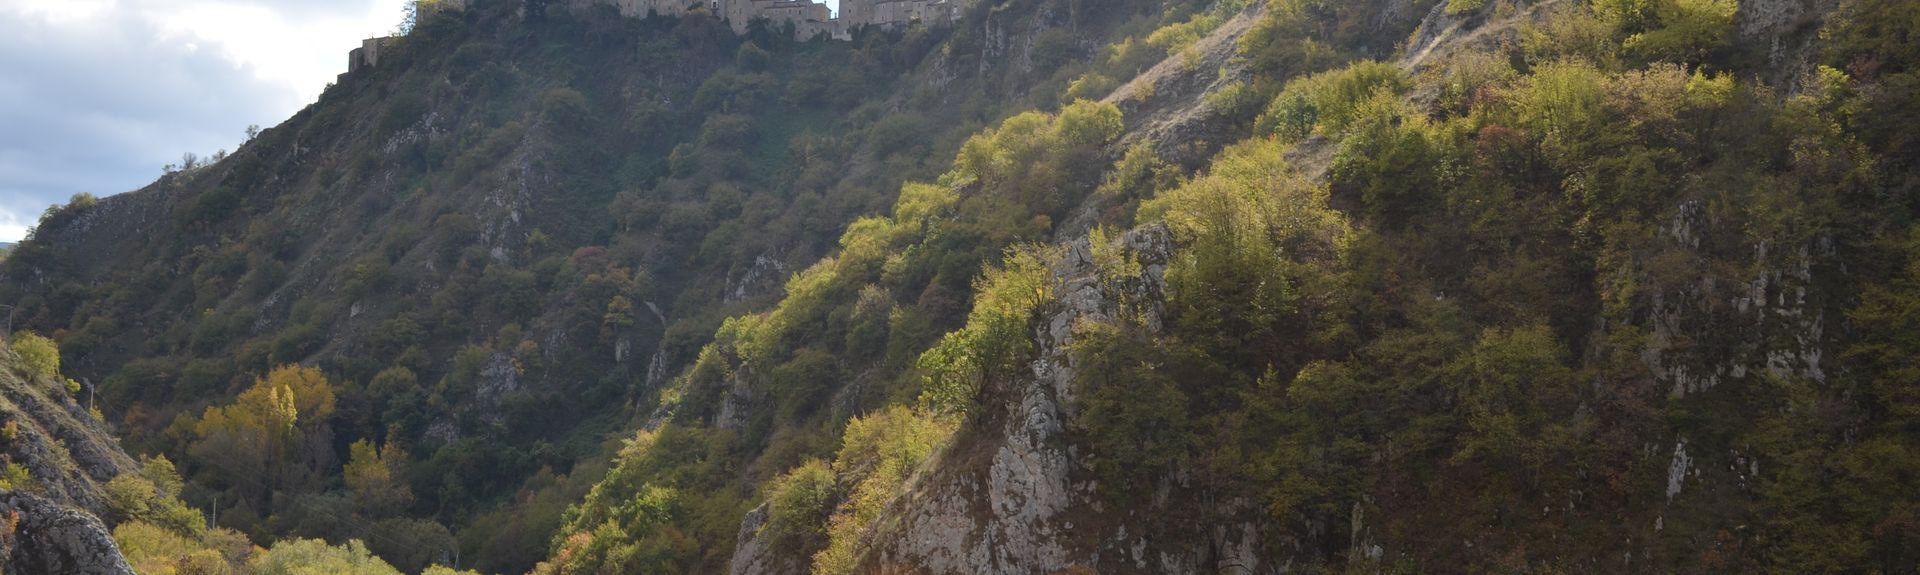 Opi, Abruzzo, Italia